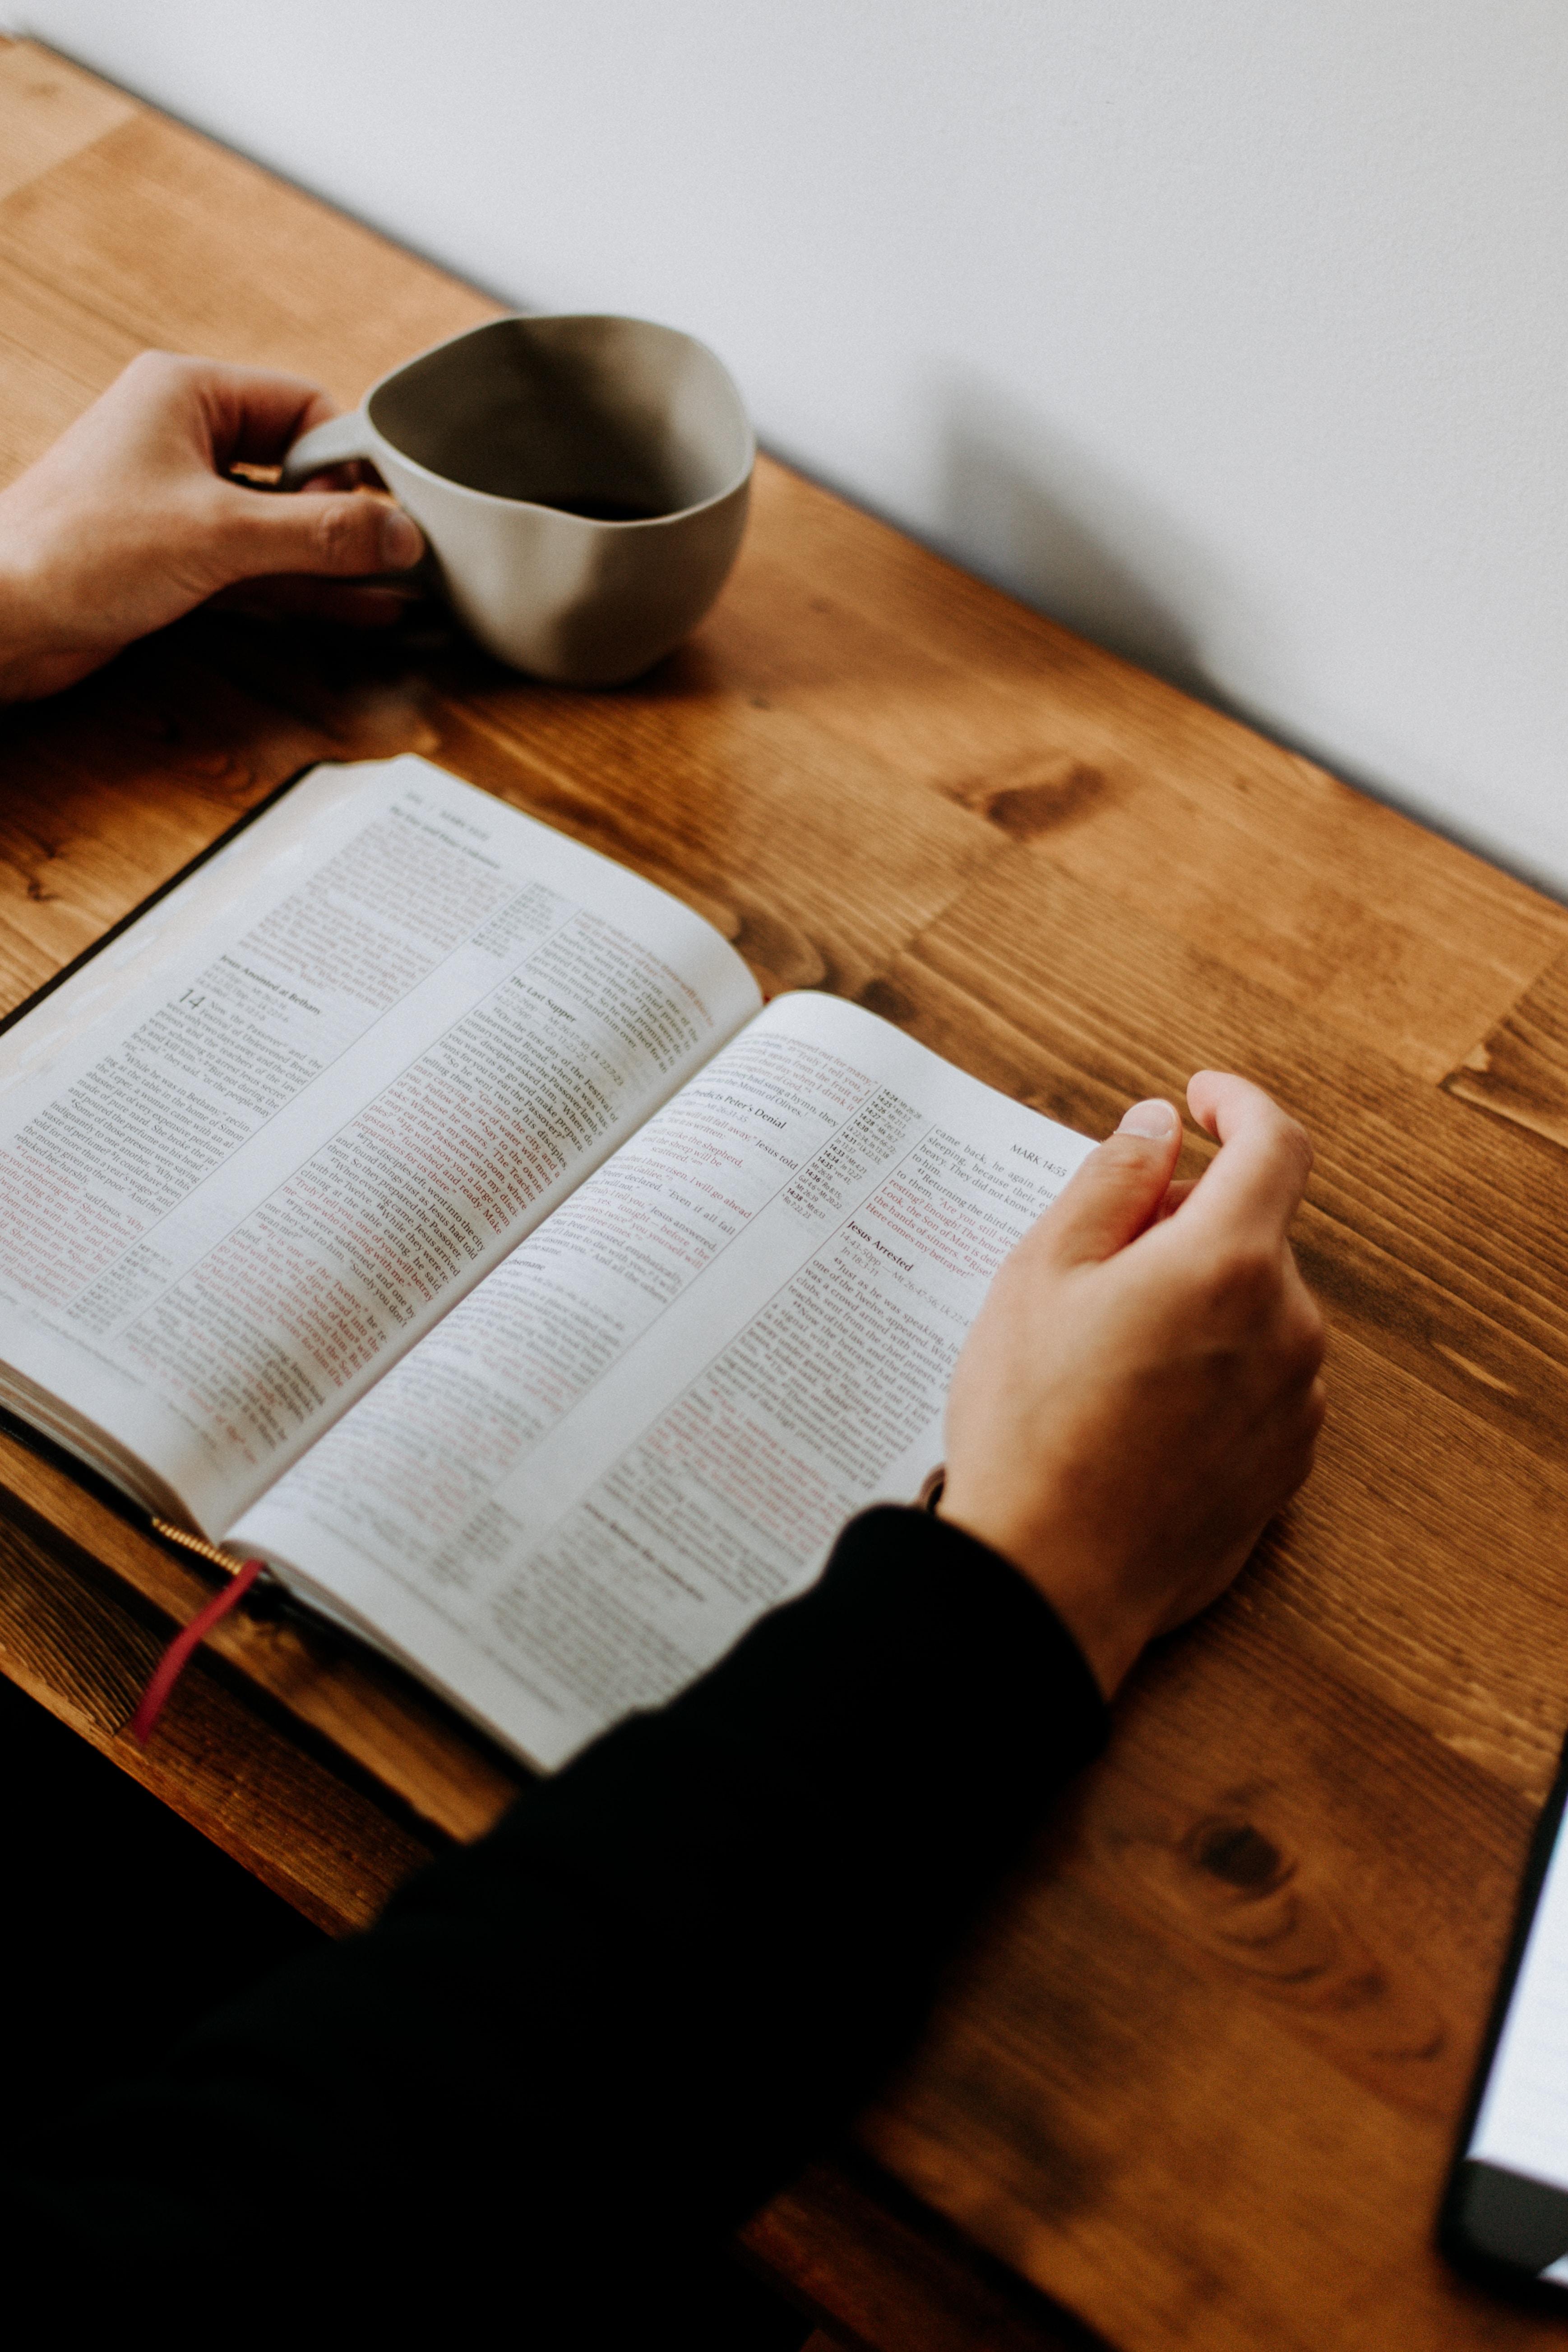 Week 2 Scripture